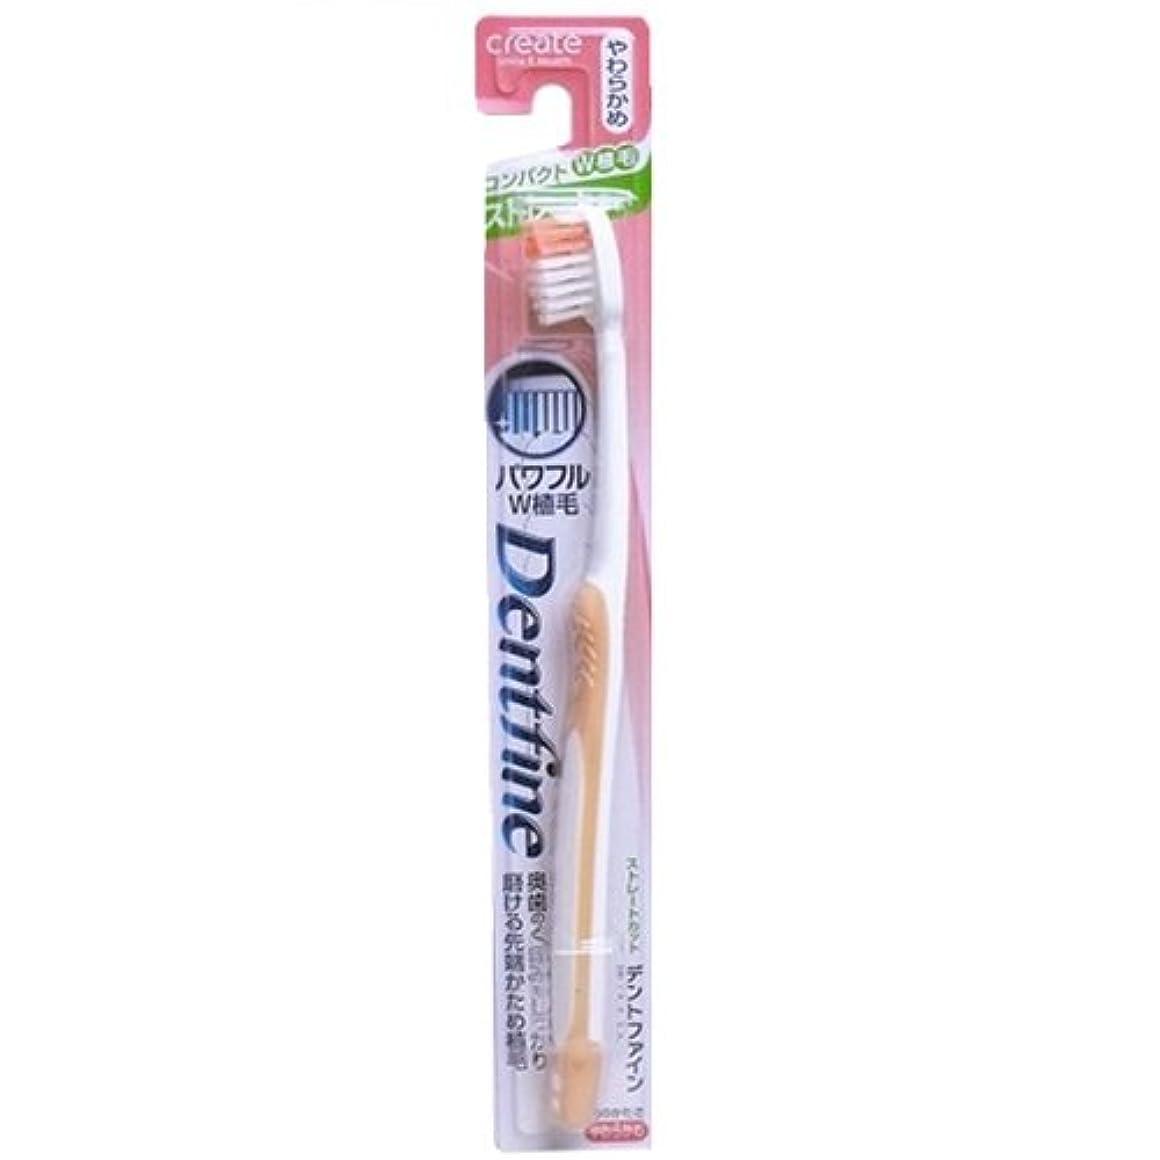 プログラム発行チャネルデントファインラバーグリップ ストレートカット歯ブラシ やわらかめ 1本:オレンジ